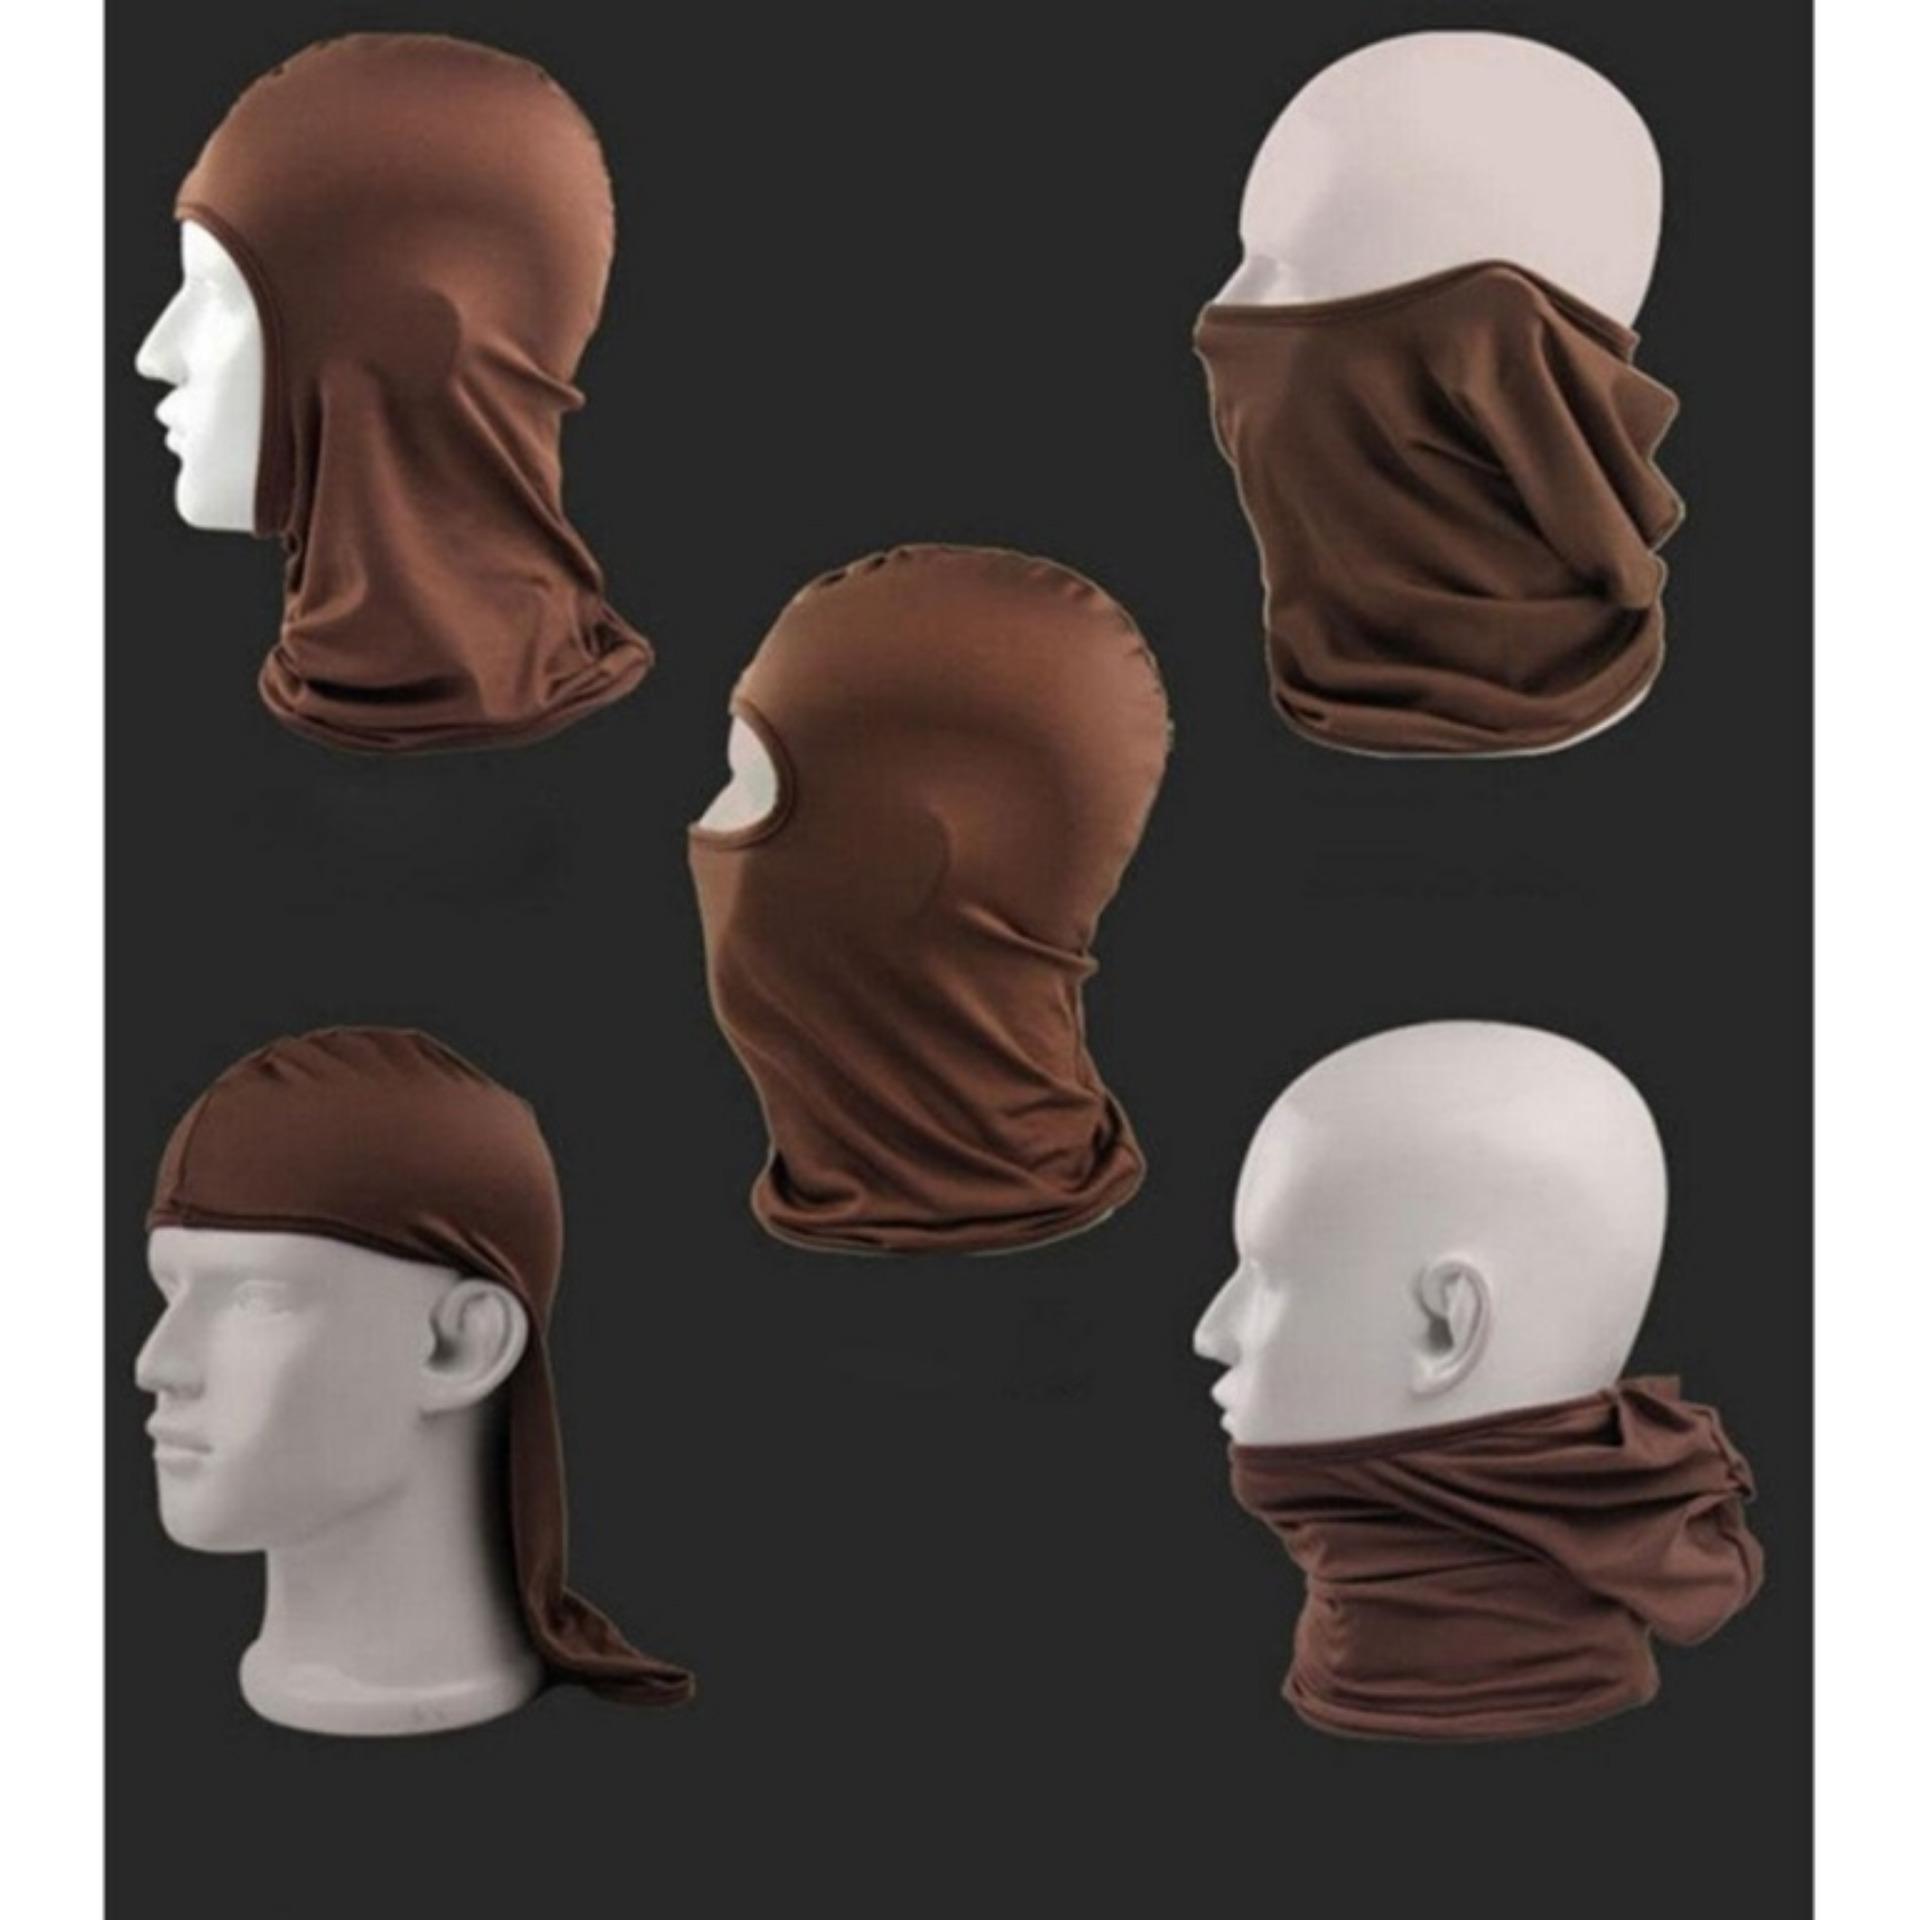 Rajamotor Perlengkapan Pengendara Balaclava Masker Full 3 M Dengan Hitam Nolan Harga Motor Model Ninja Dan Ulasannya Toko Hornacko Indonesia Source Face